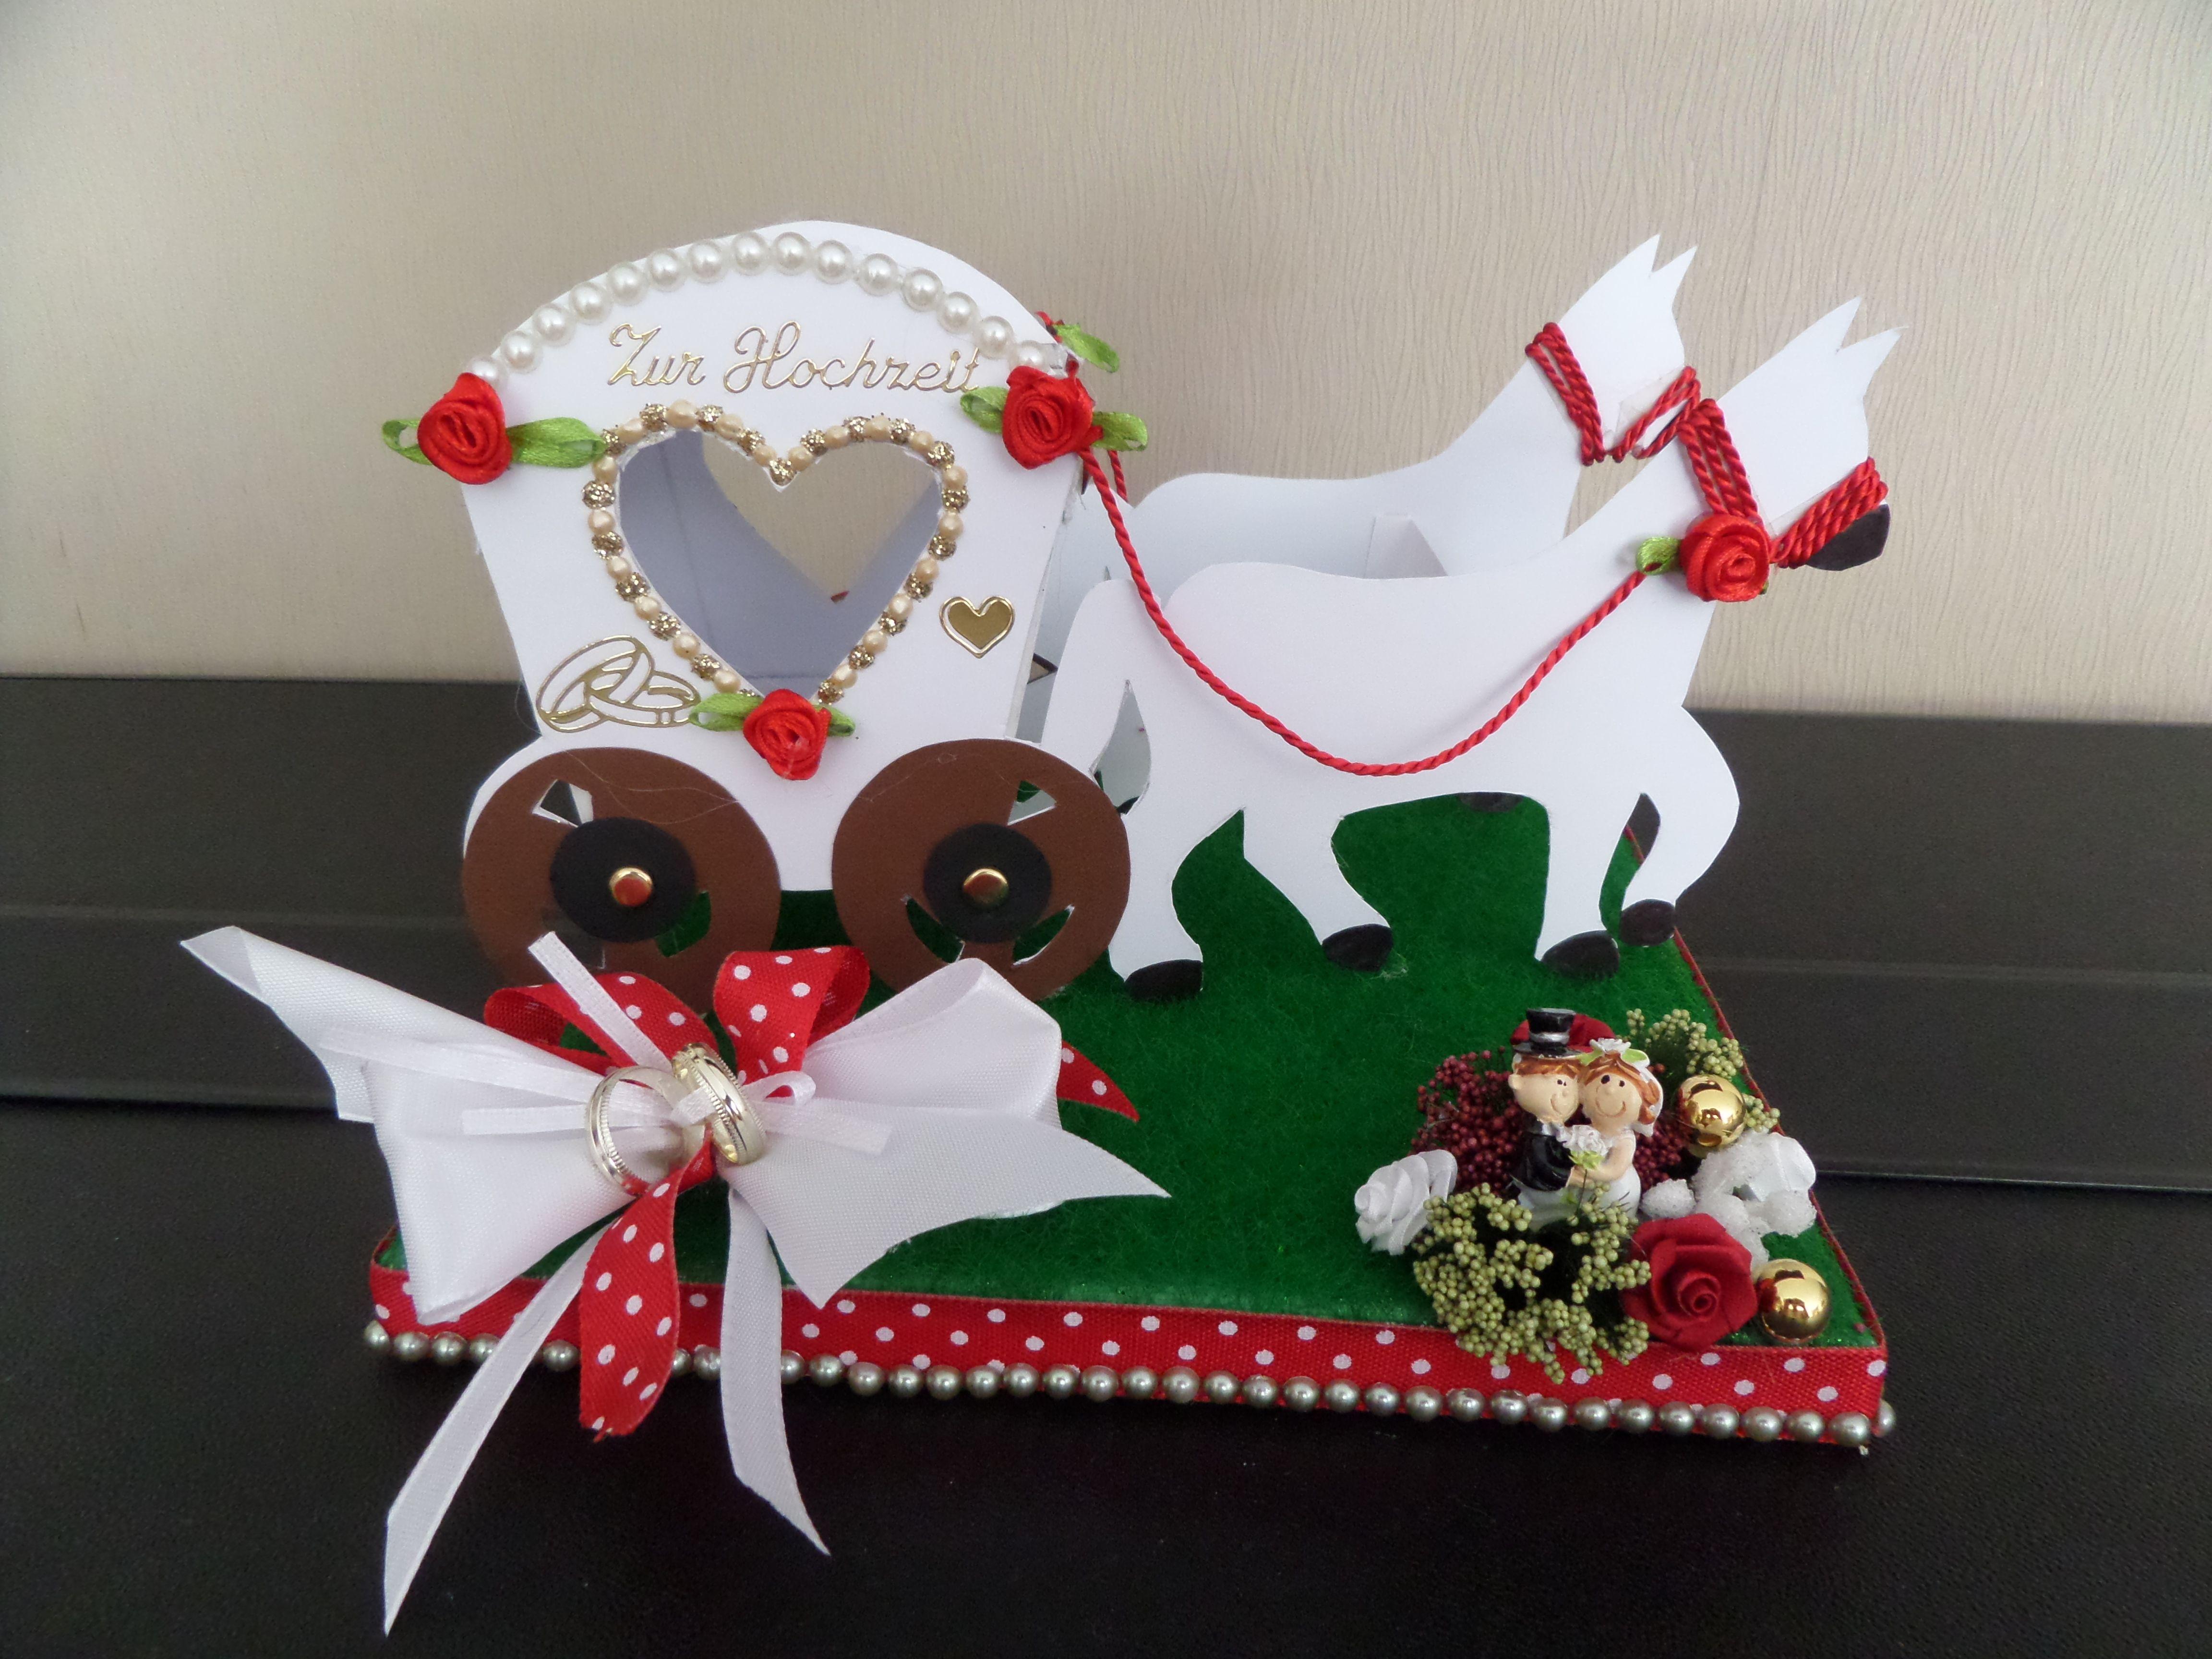 Hochzeitskutsche In Tortenfiguren Fur Hochzeiten Gunstig Kaufen Ebay